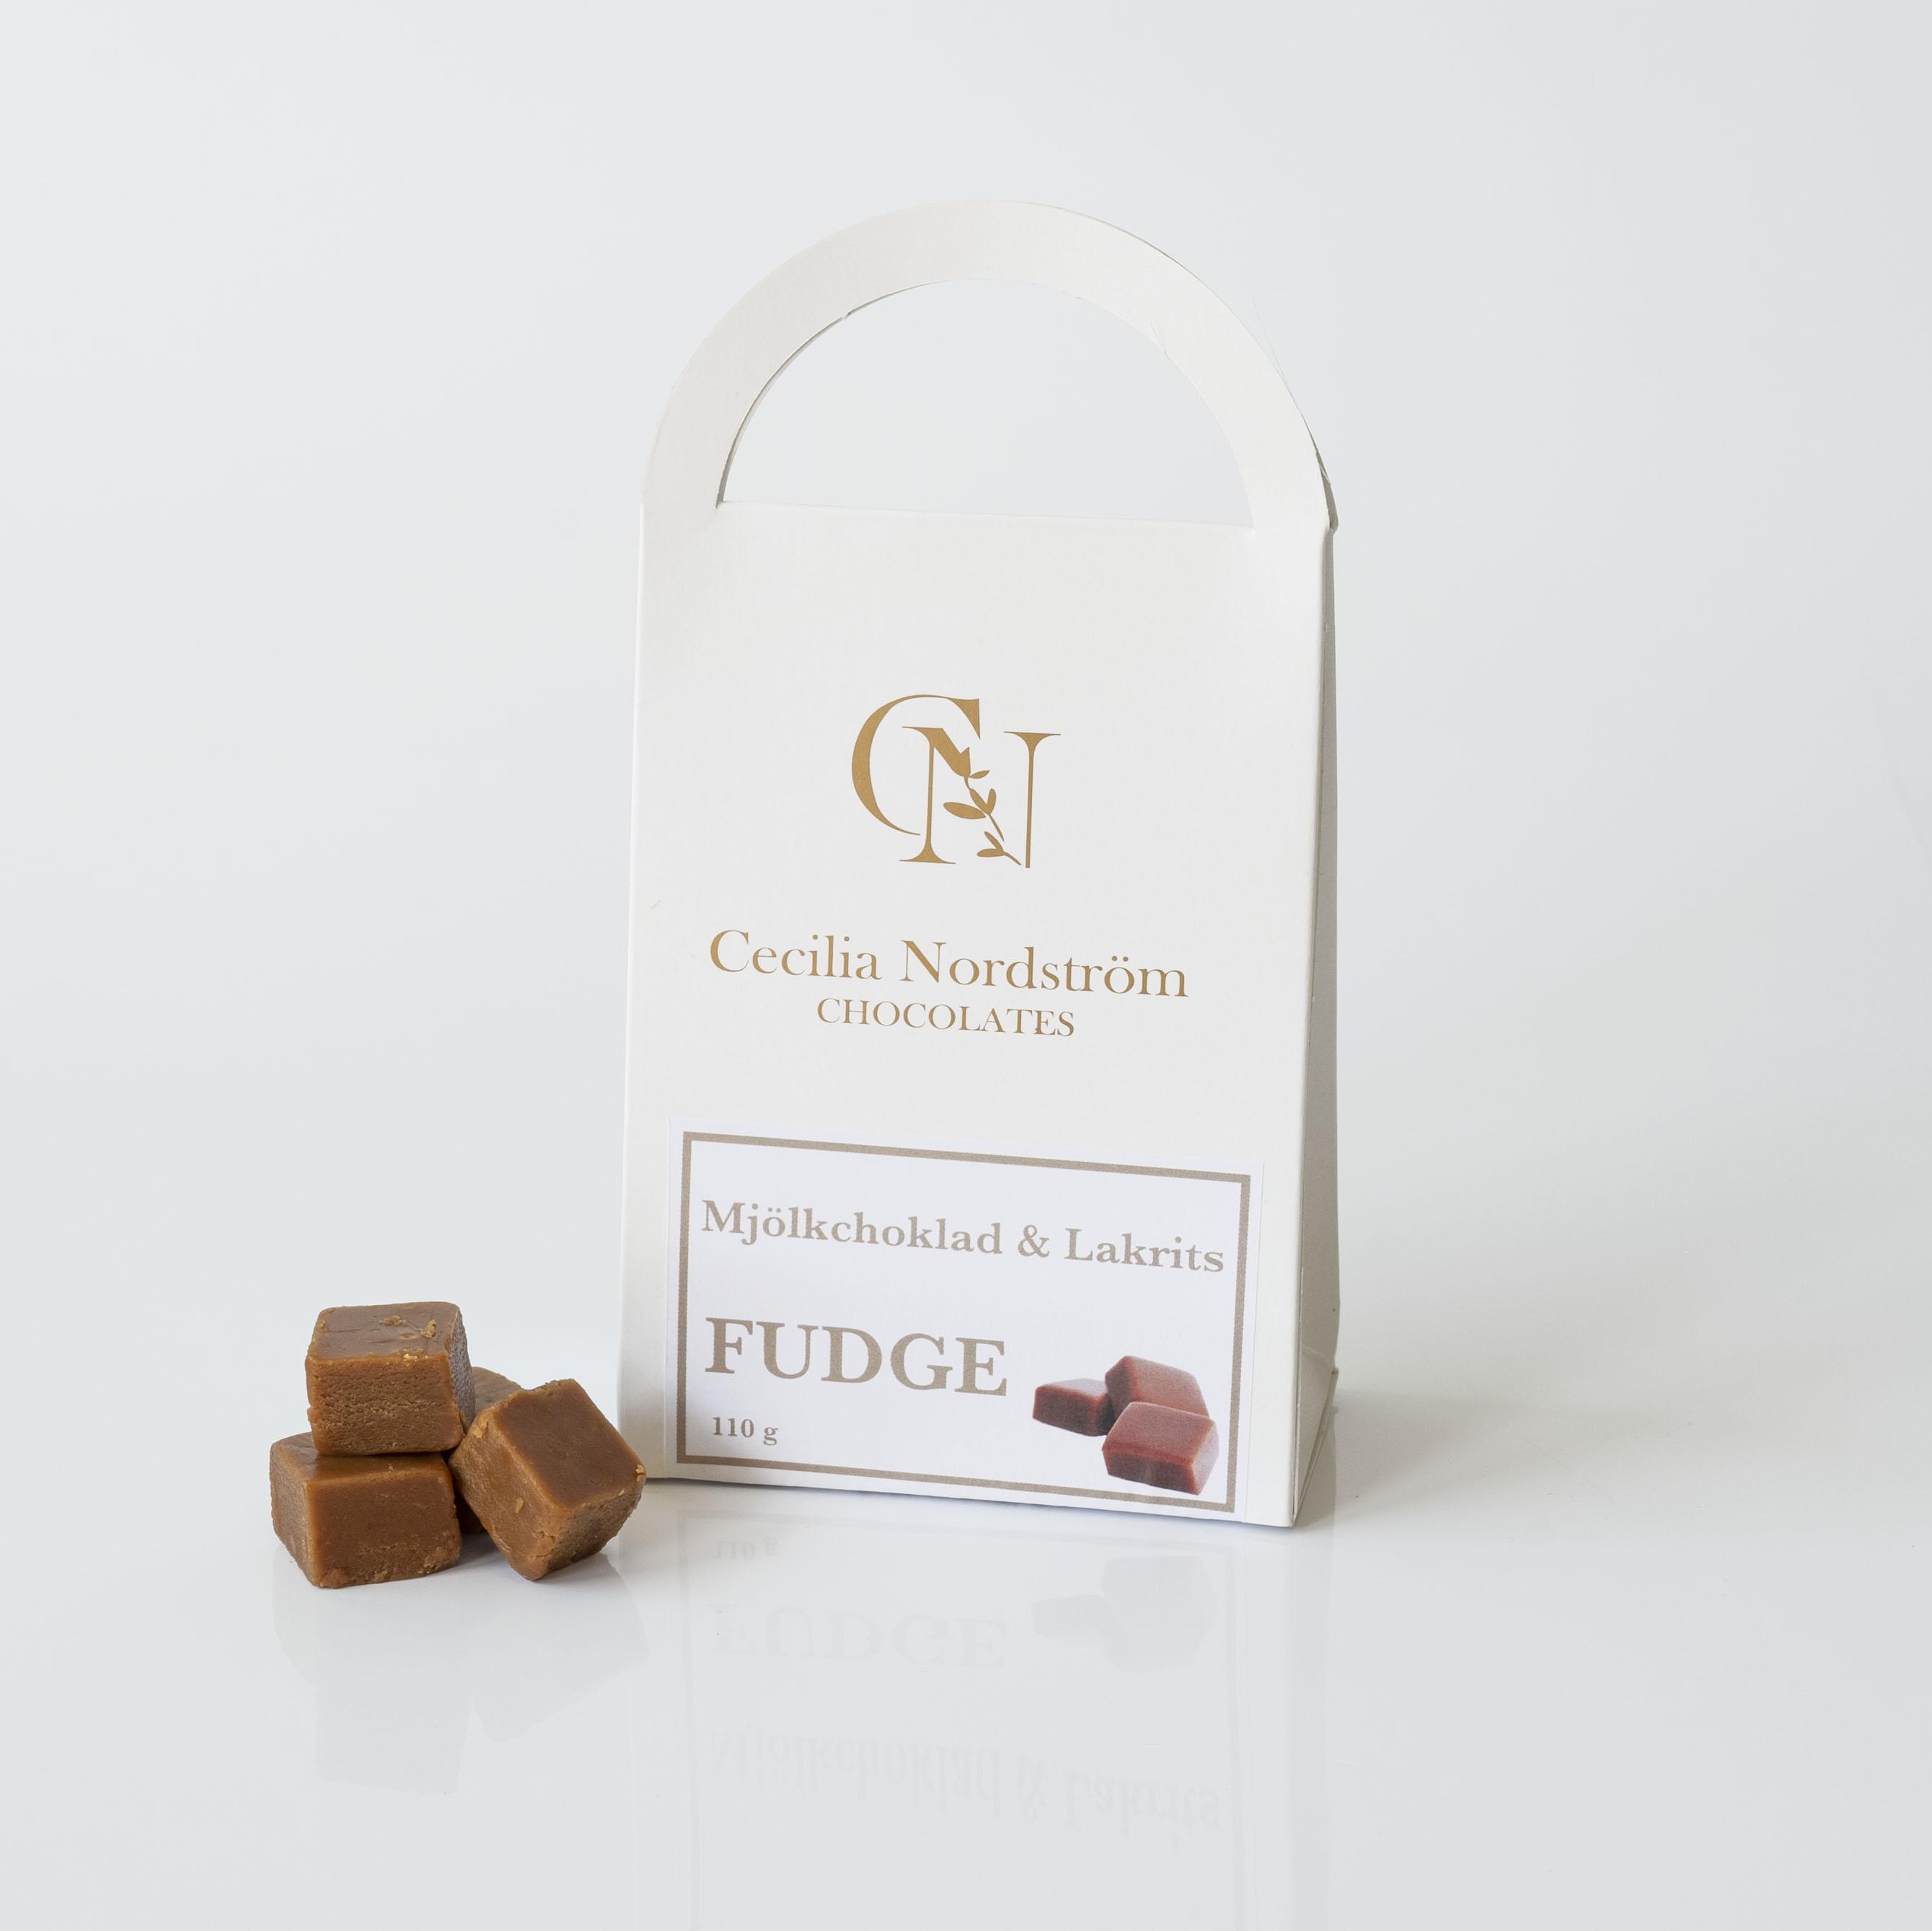 Mjölkchoklad & Lakrits Fudge